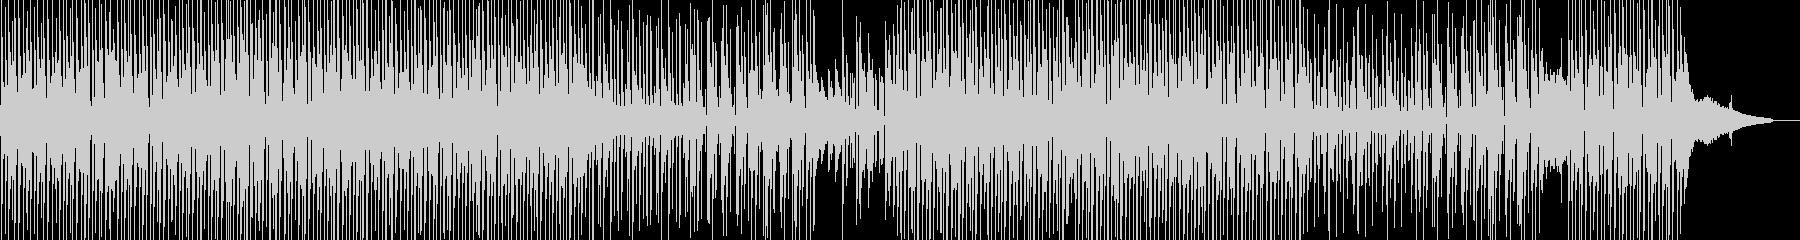 ウクレレ・軽快・ほのぼの作品に 短尺の未再生の波形